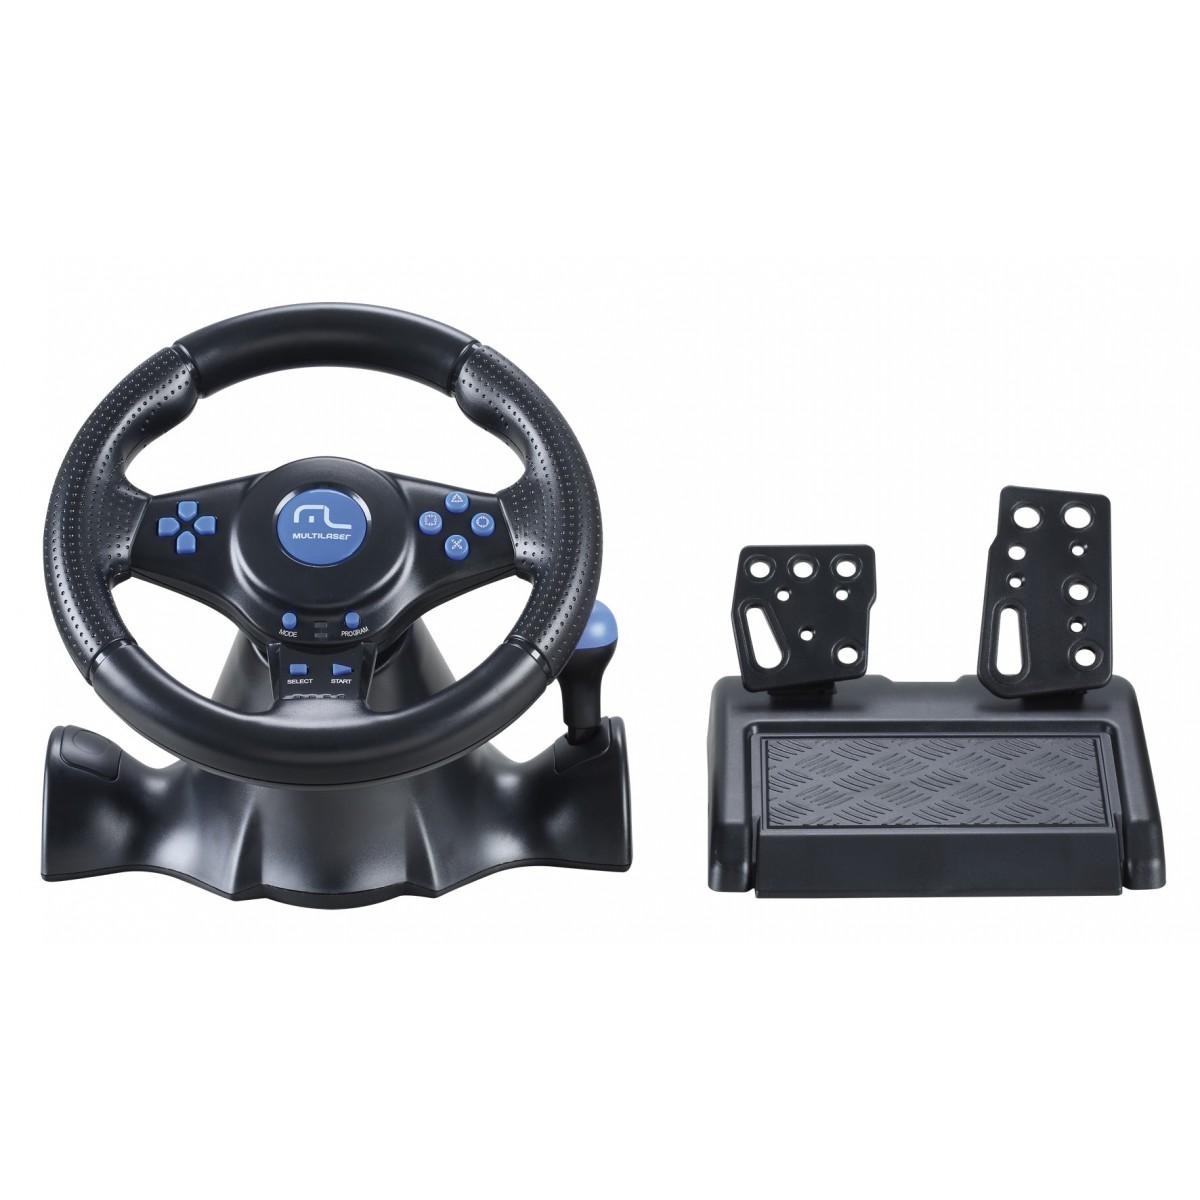 Volante Racer 3 em 1 para PS2, PS3 e PC JS073 Azul - Multilaser